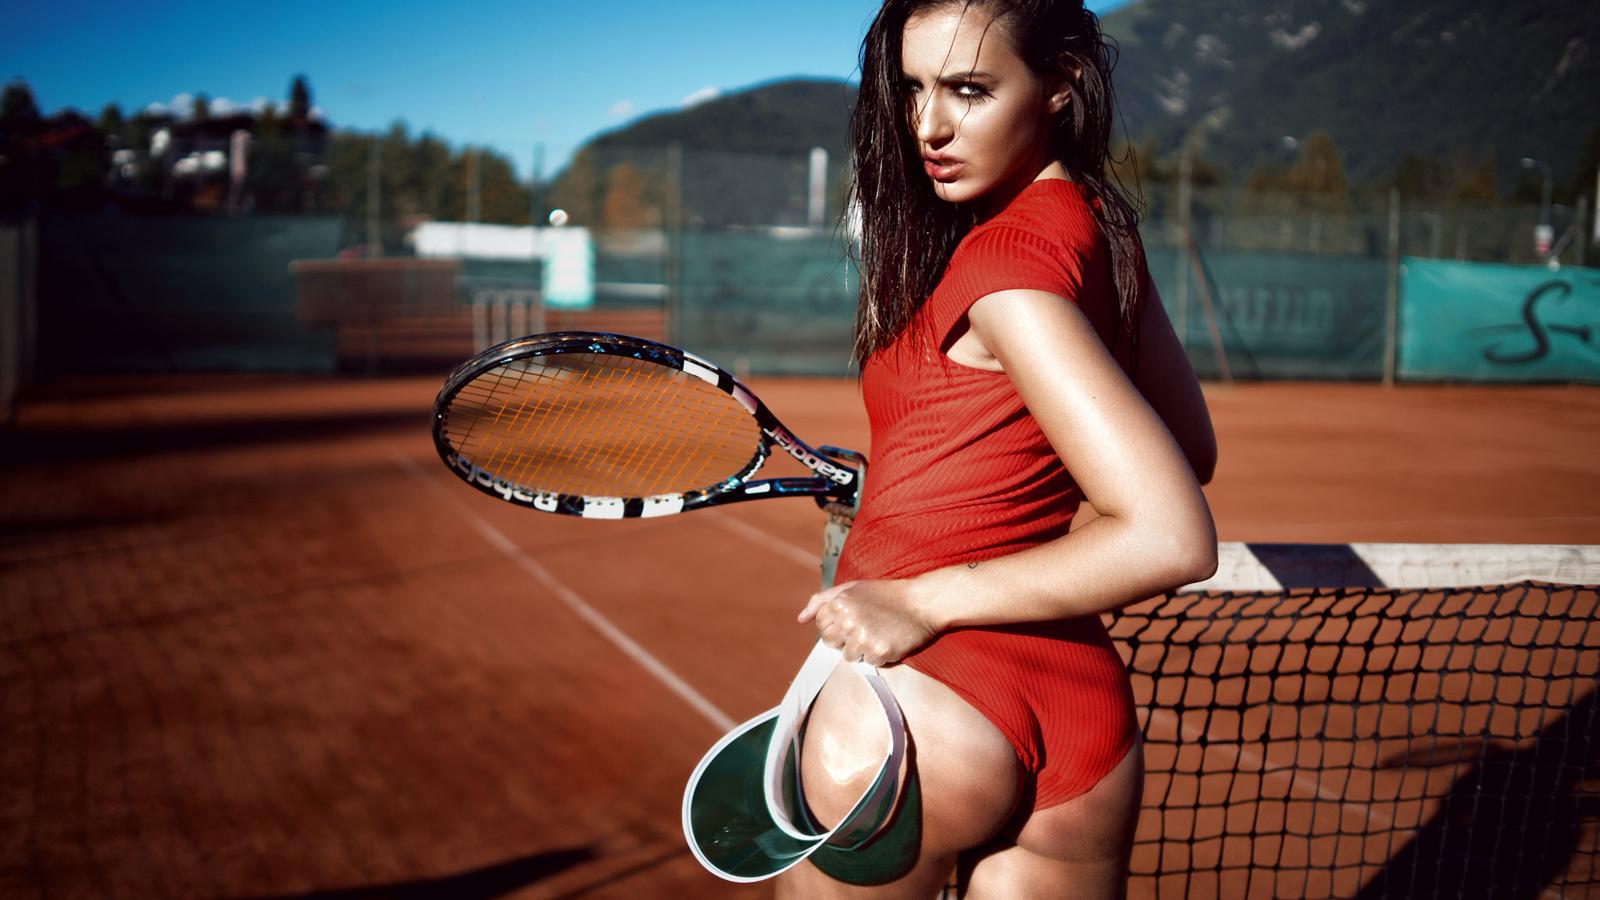 Порно онлайн с теннисистками хорошем качестве #2